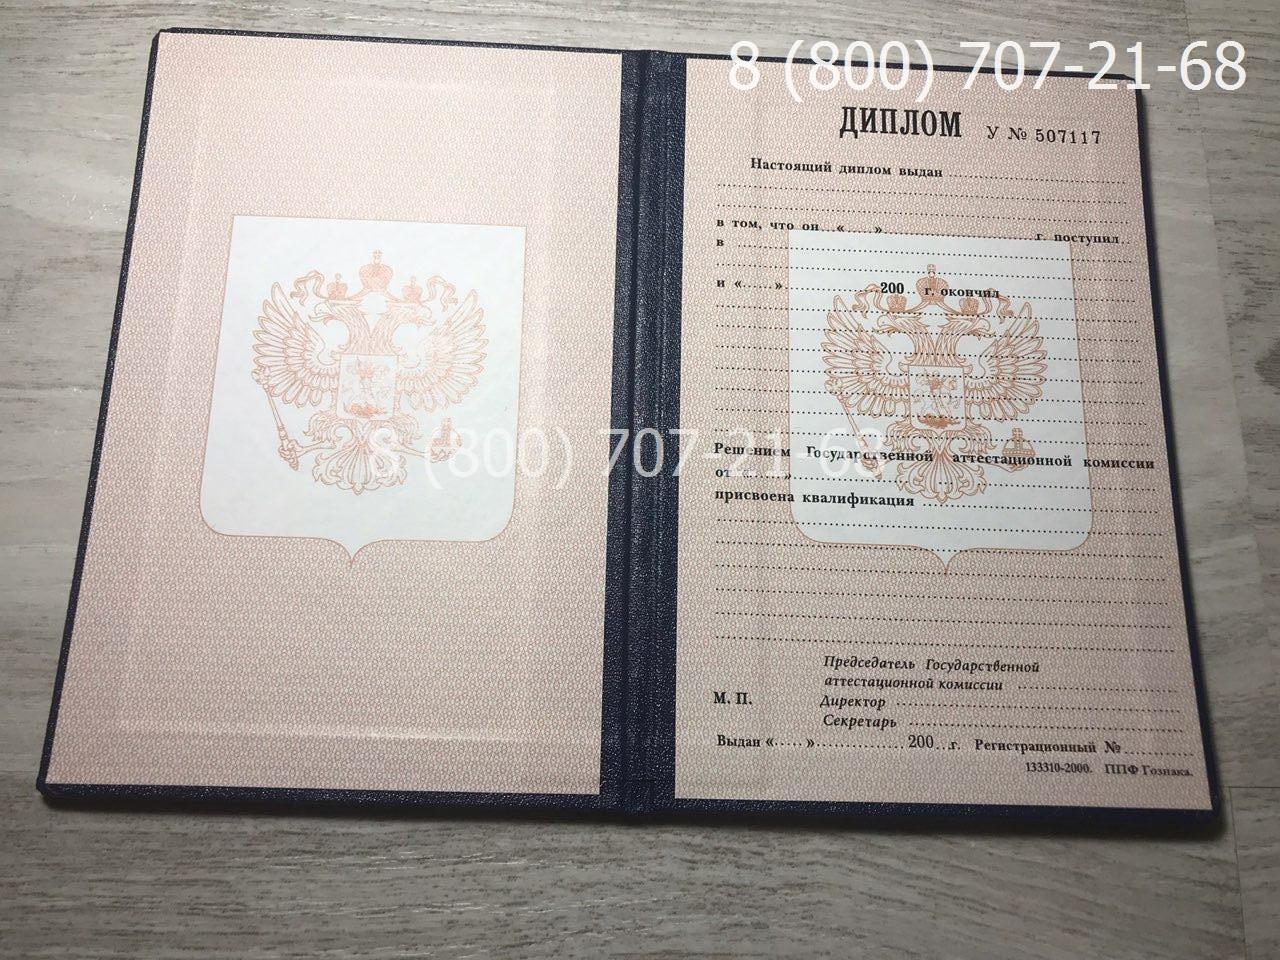 Диплом ПТУ 1995-2006 года фото 1